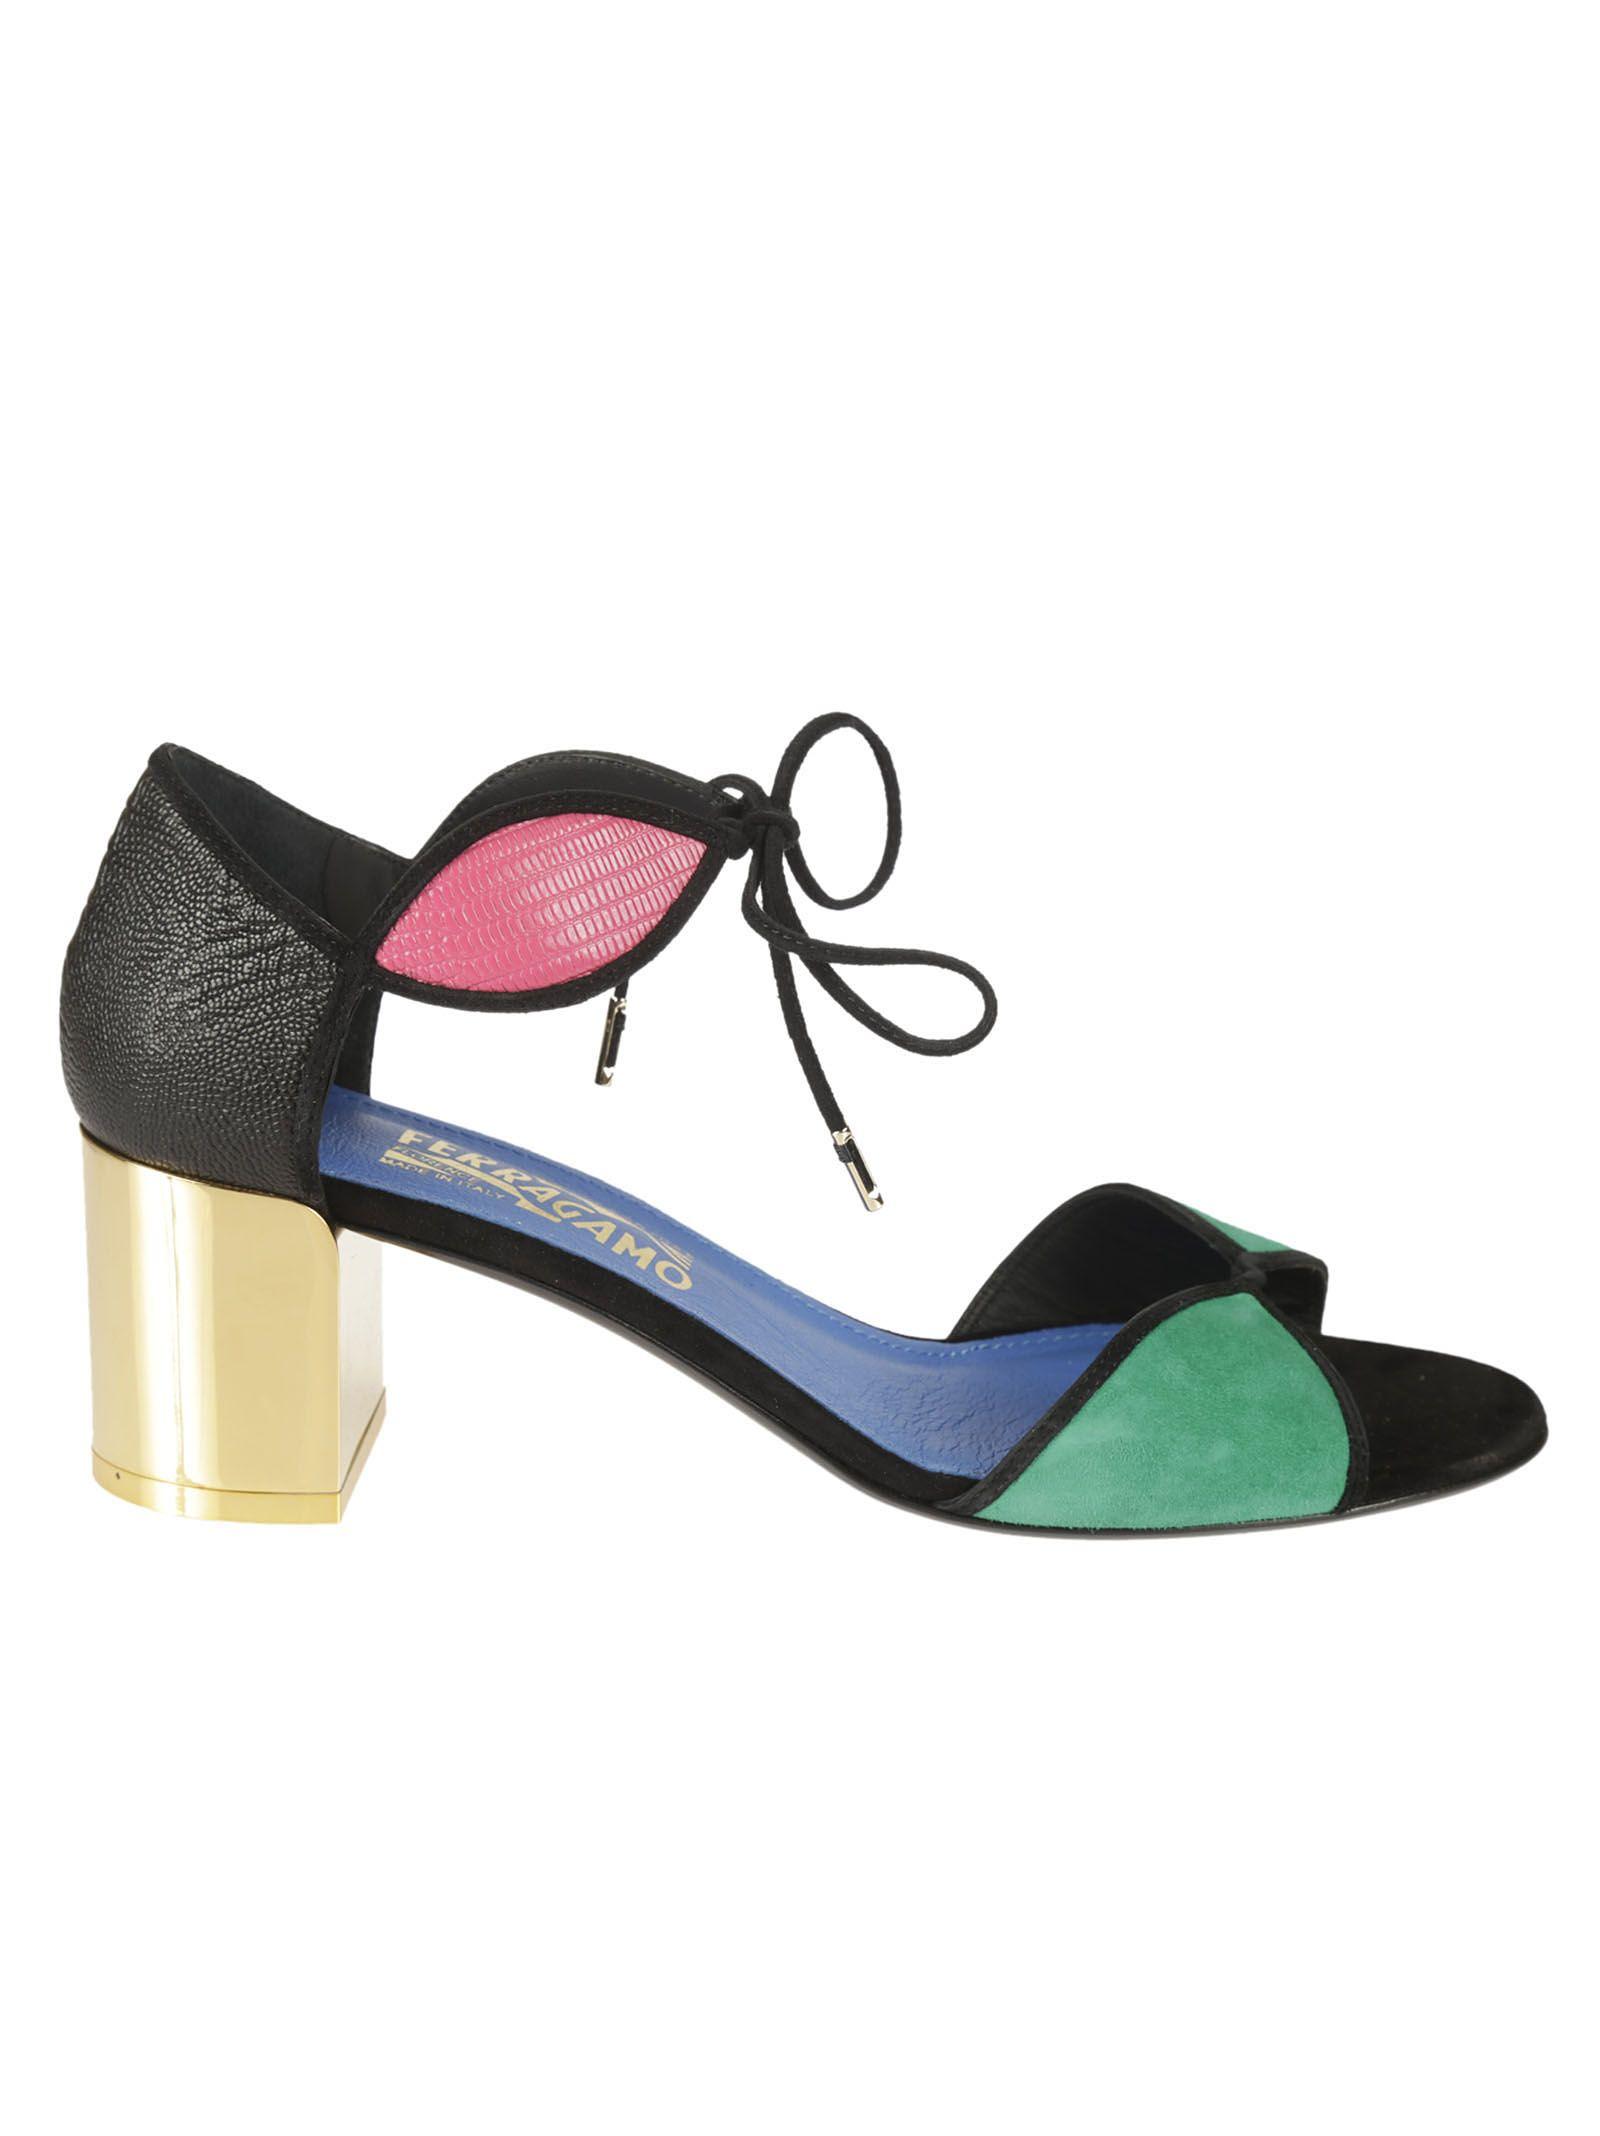 Salvatore Ferragamo Ankle Strap Sandal